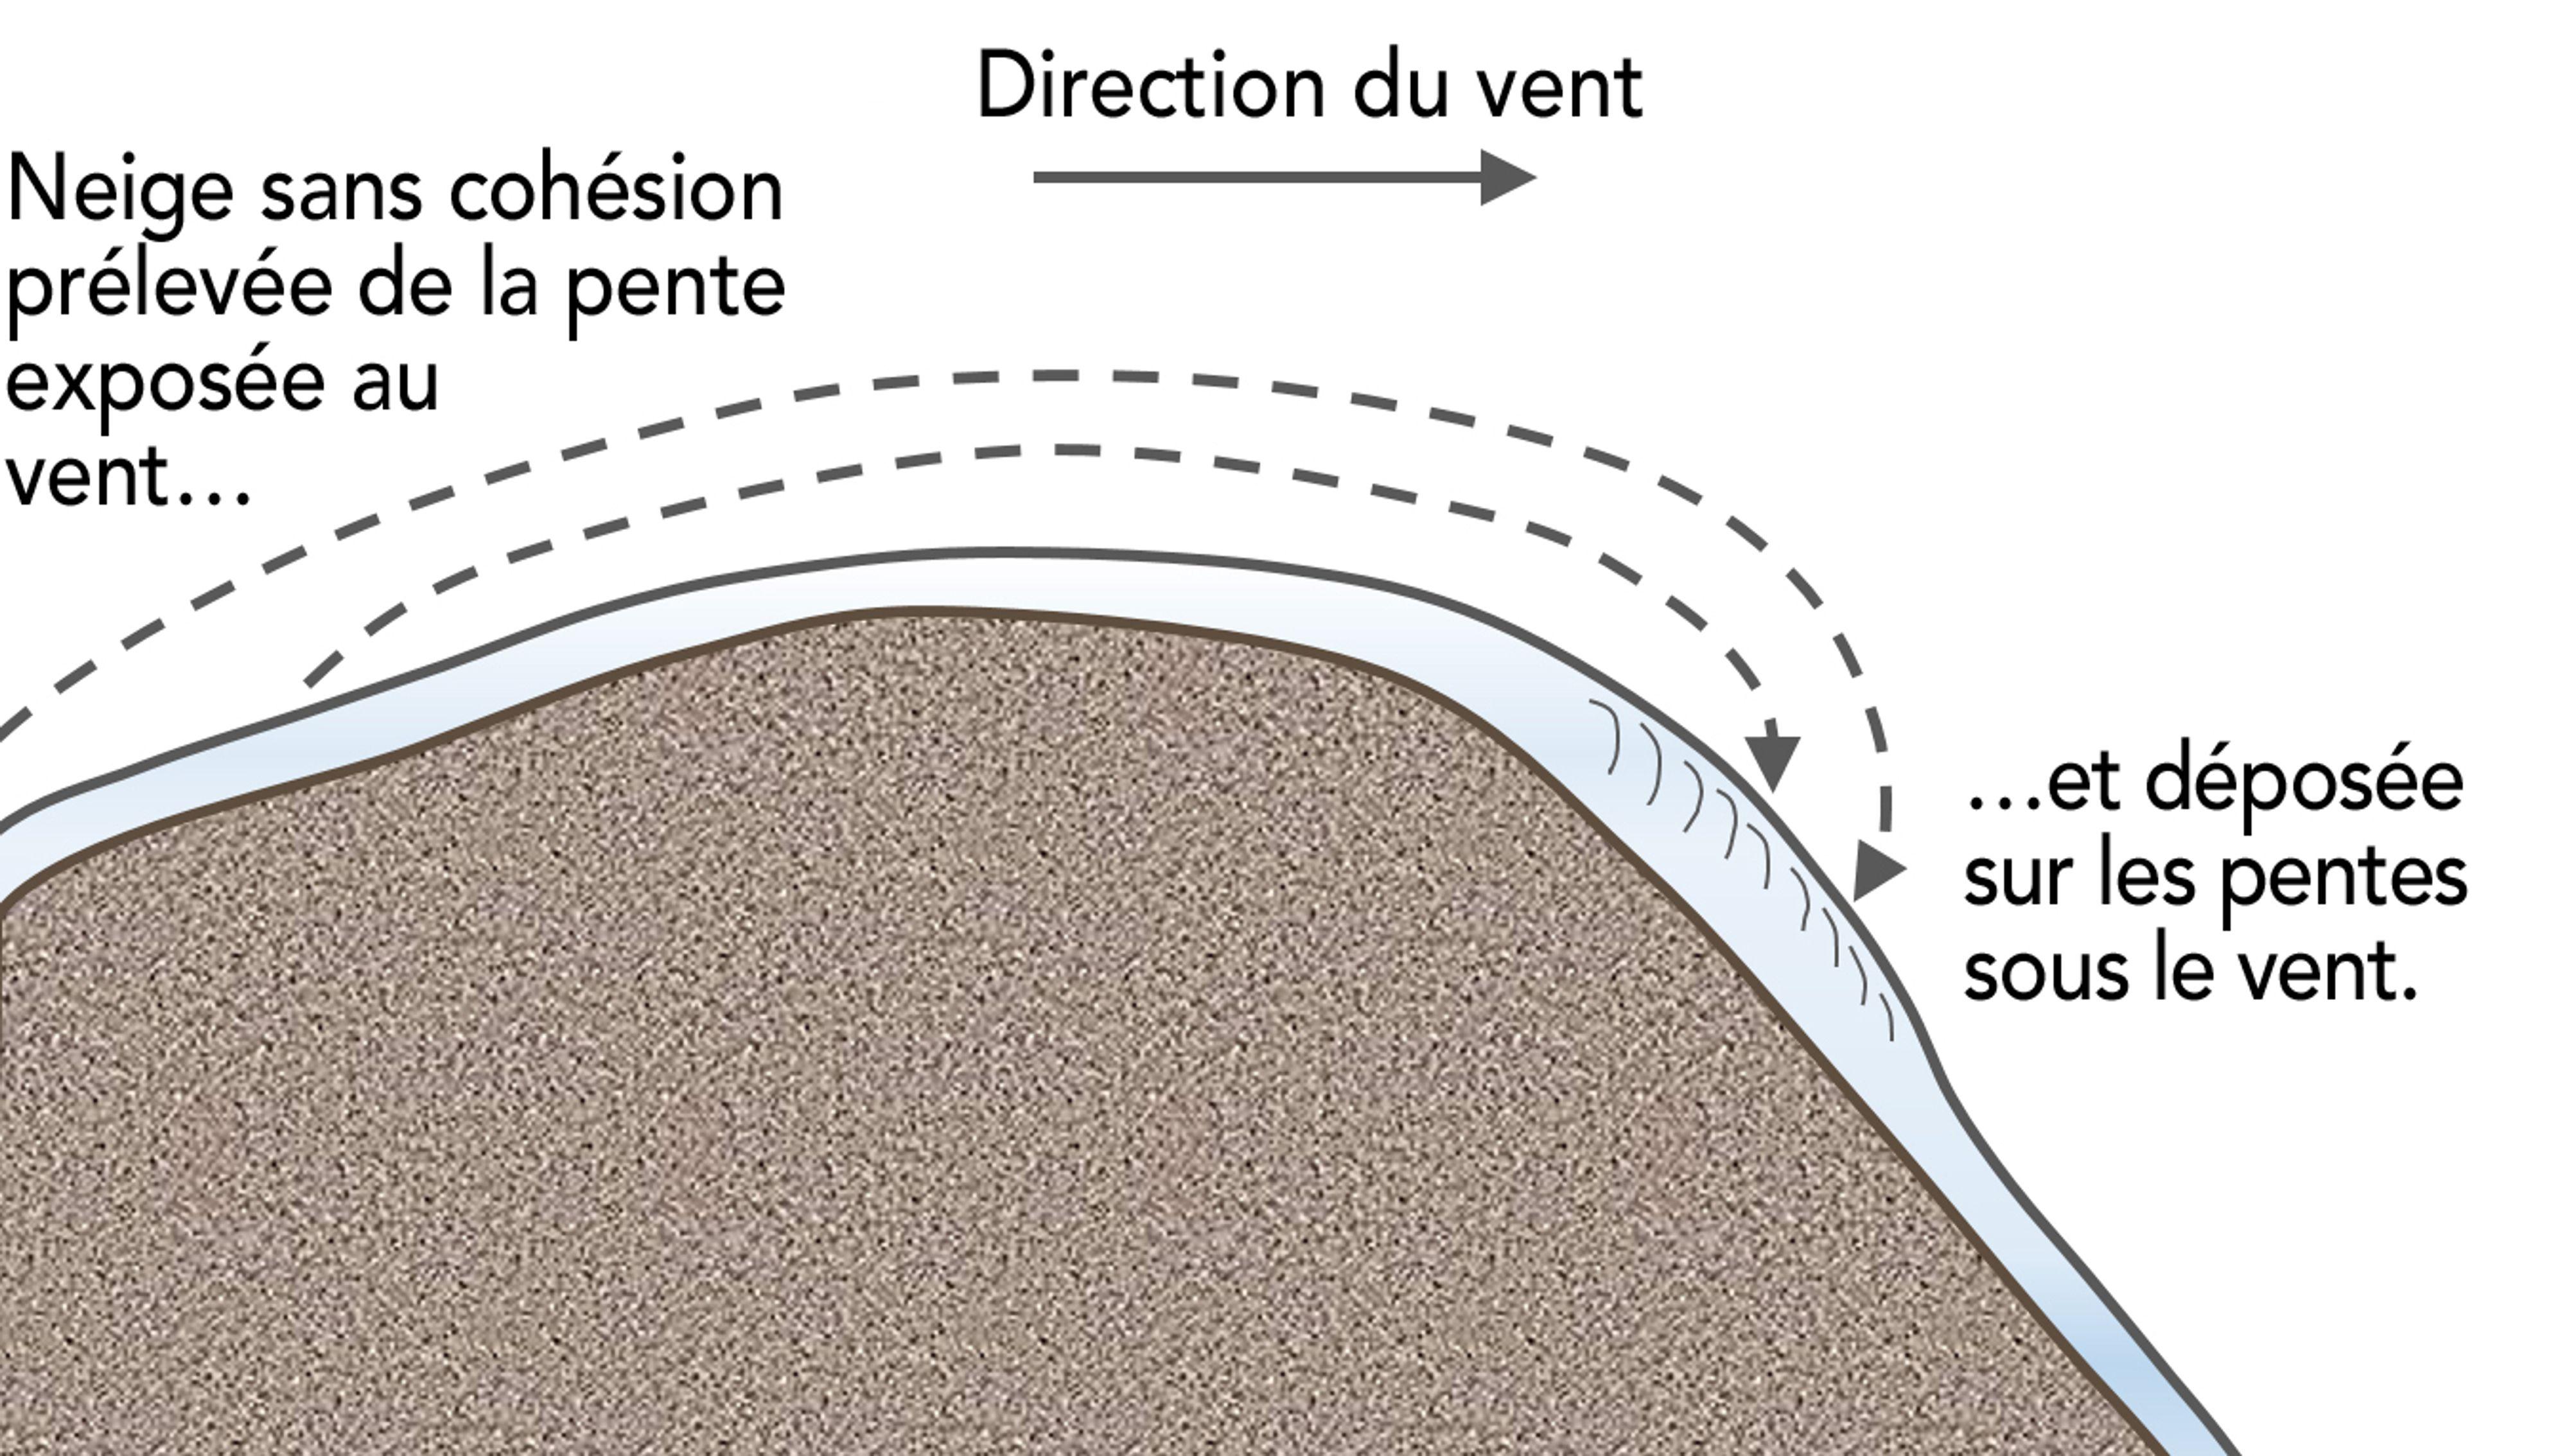 Les plaques à vent se forment lorsque la neige sans cohésion transportée par le vent est déposée sur les pentes sous le vent (abritées du vent).